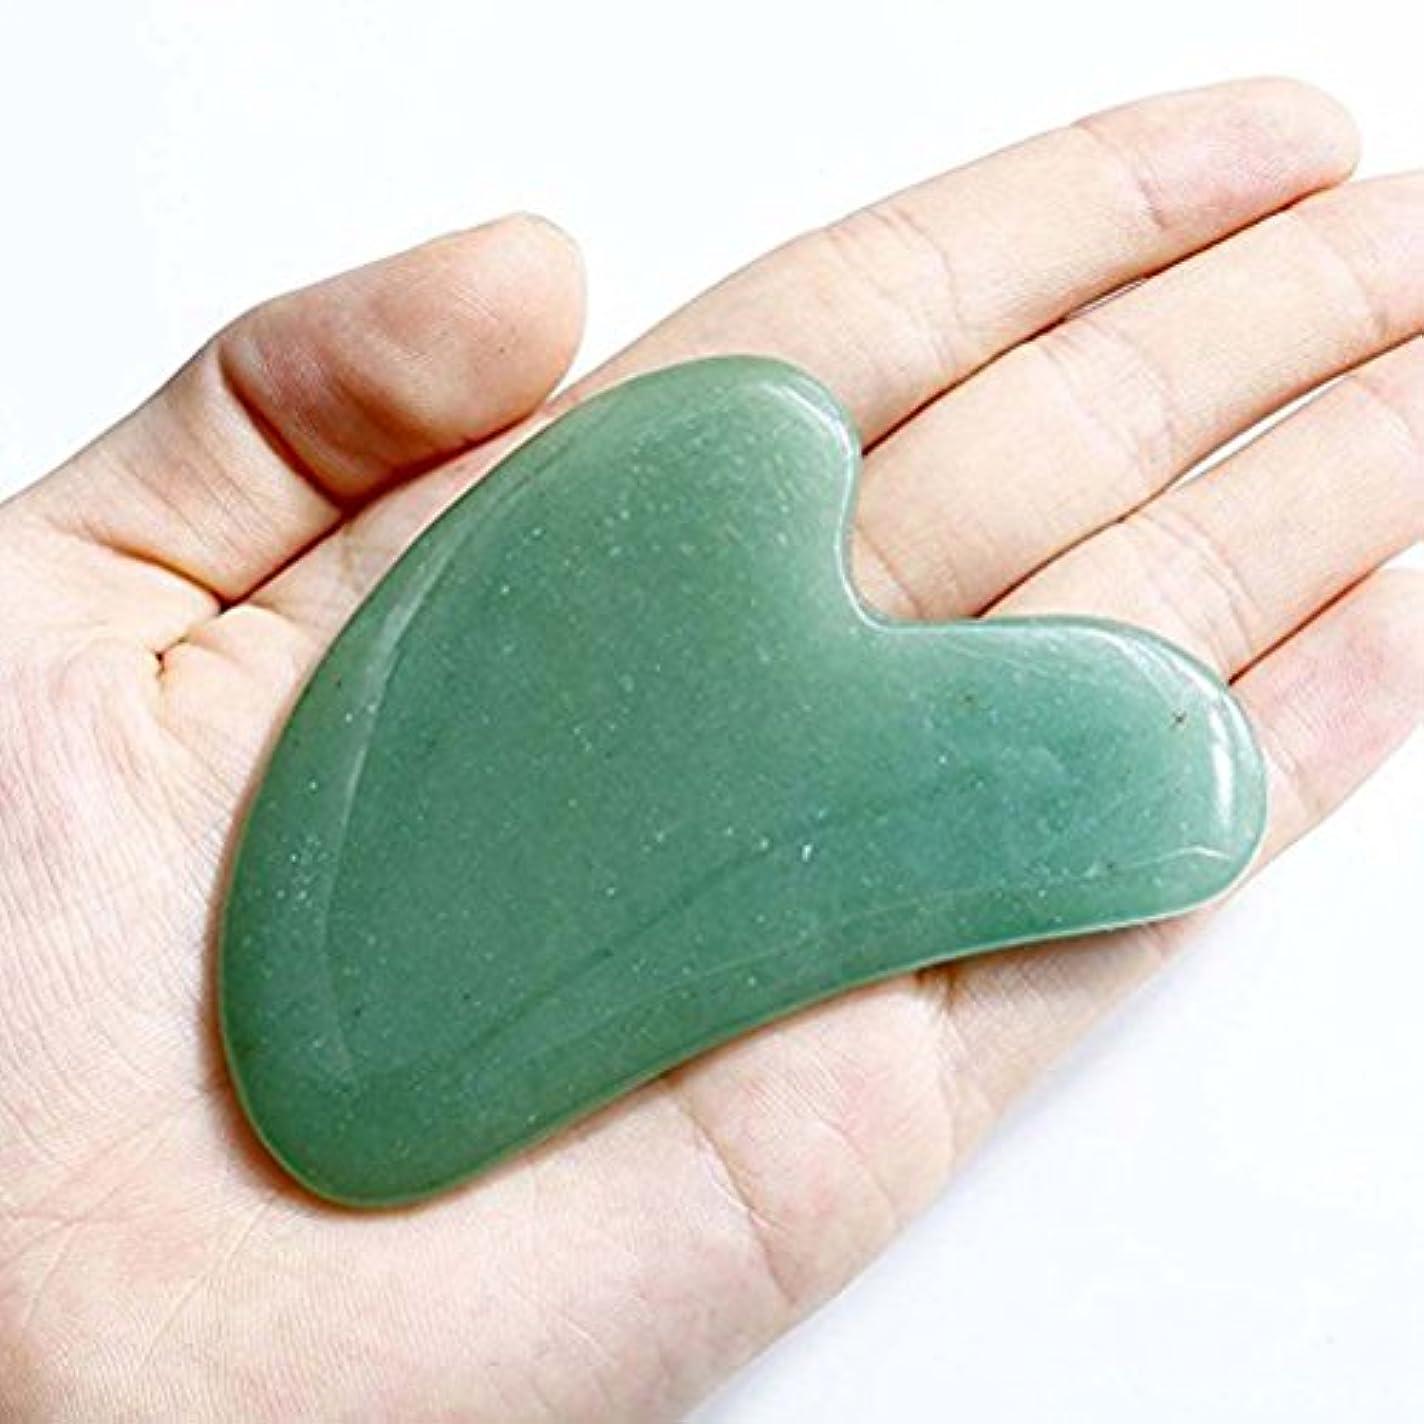 ホテル再び縁石Echo & Kern Face / Body Massage Green Aventurine heart shape ハート形状かっさプレート 天然石 翡翠色(顔?ボディのリンパマッサージ) (かっさプレートH)